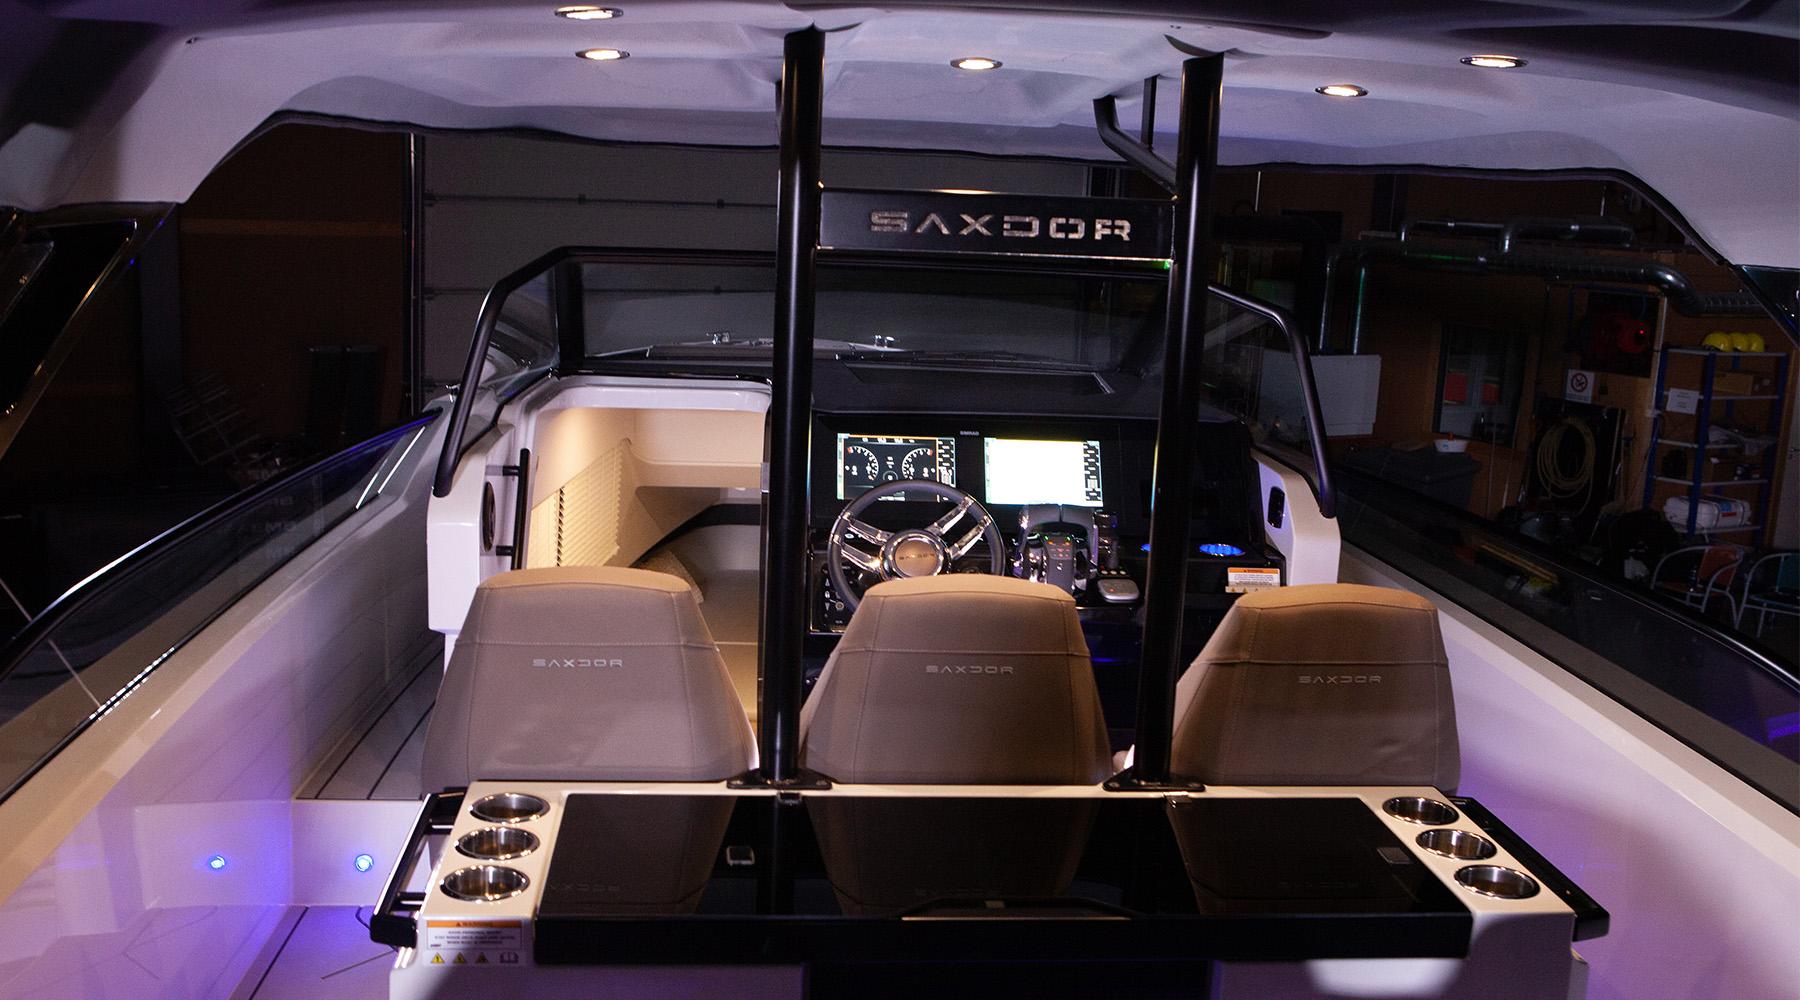 Saxdor 320 GTR Фото № 6